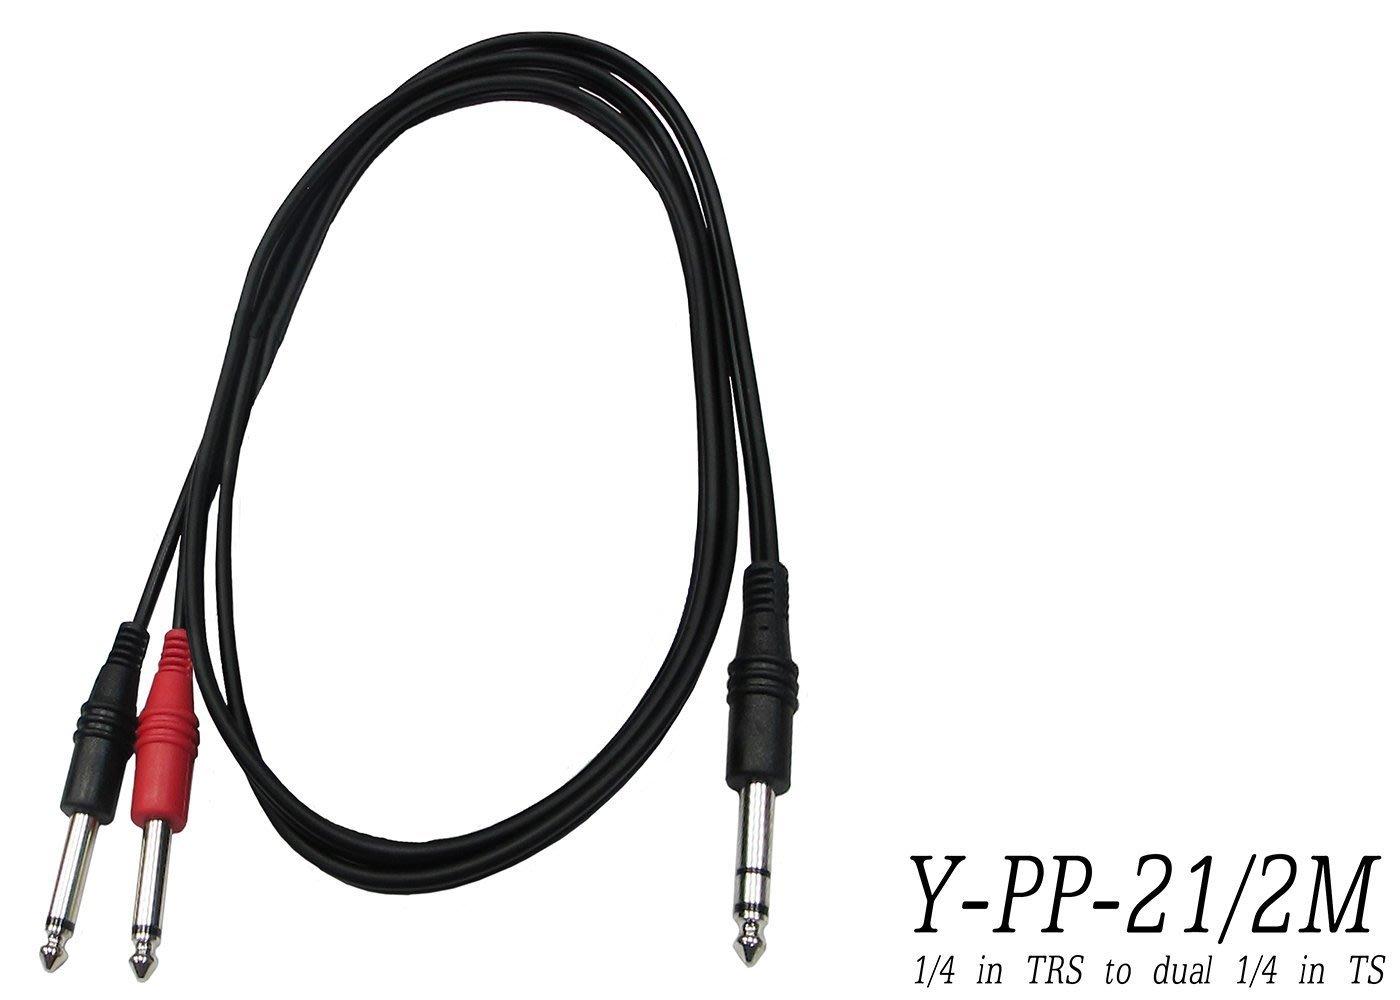 【六絃樂器】全新 Stander Y-PP-21 Y型訊號線* 2米 / 6.3mm 立體 to 2x6.3mm 單軌